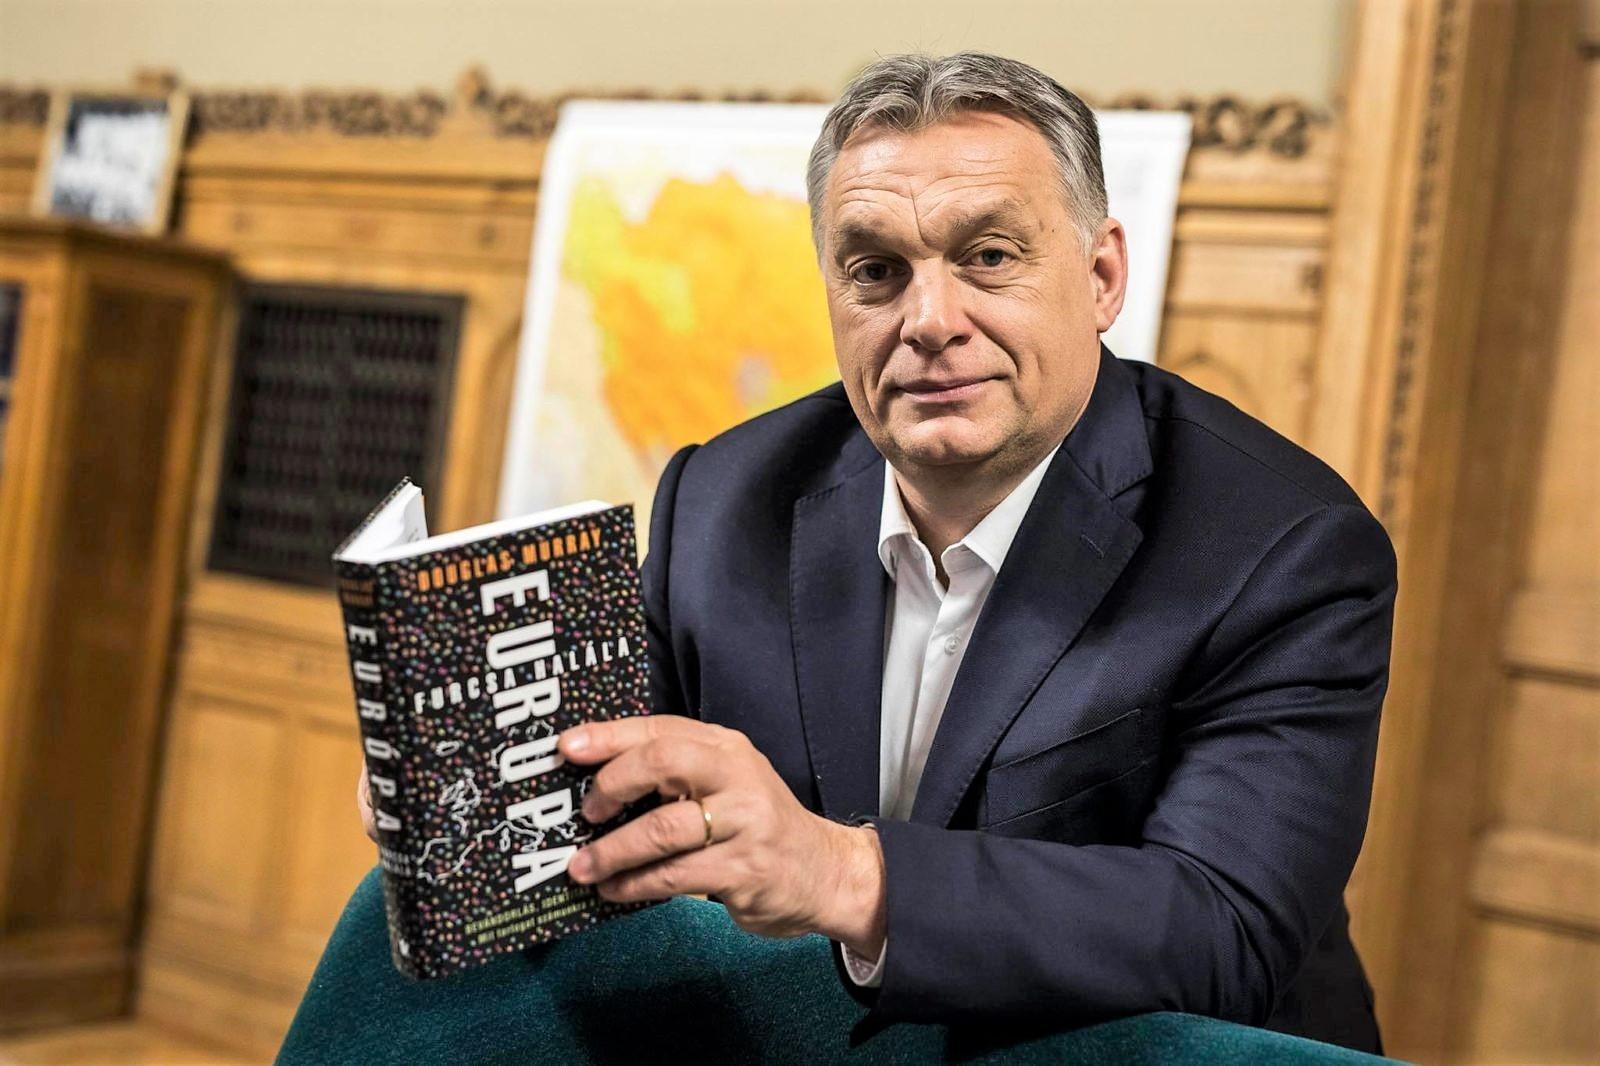 Sospensione del Fidesz dal Partito popolare europeo, la versione di Orban